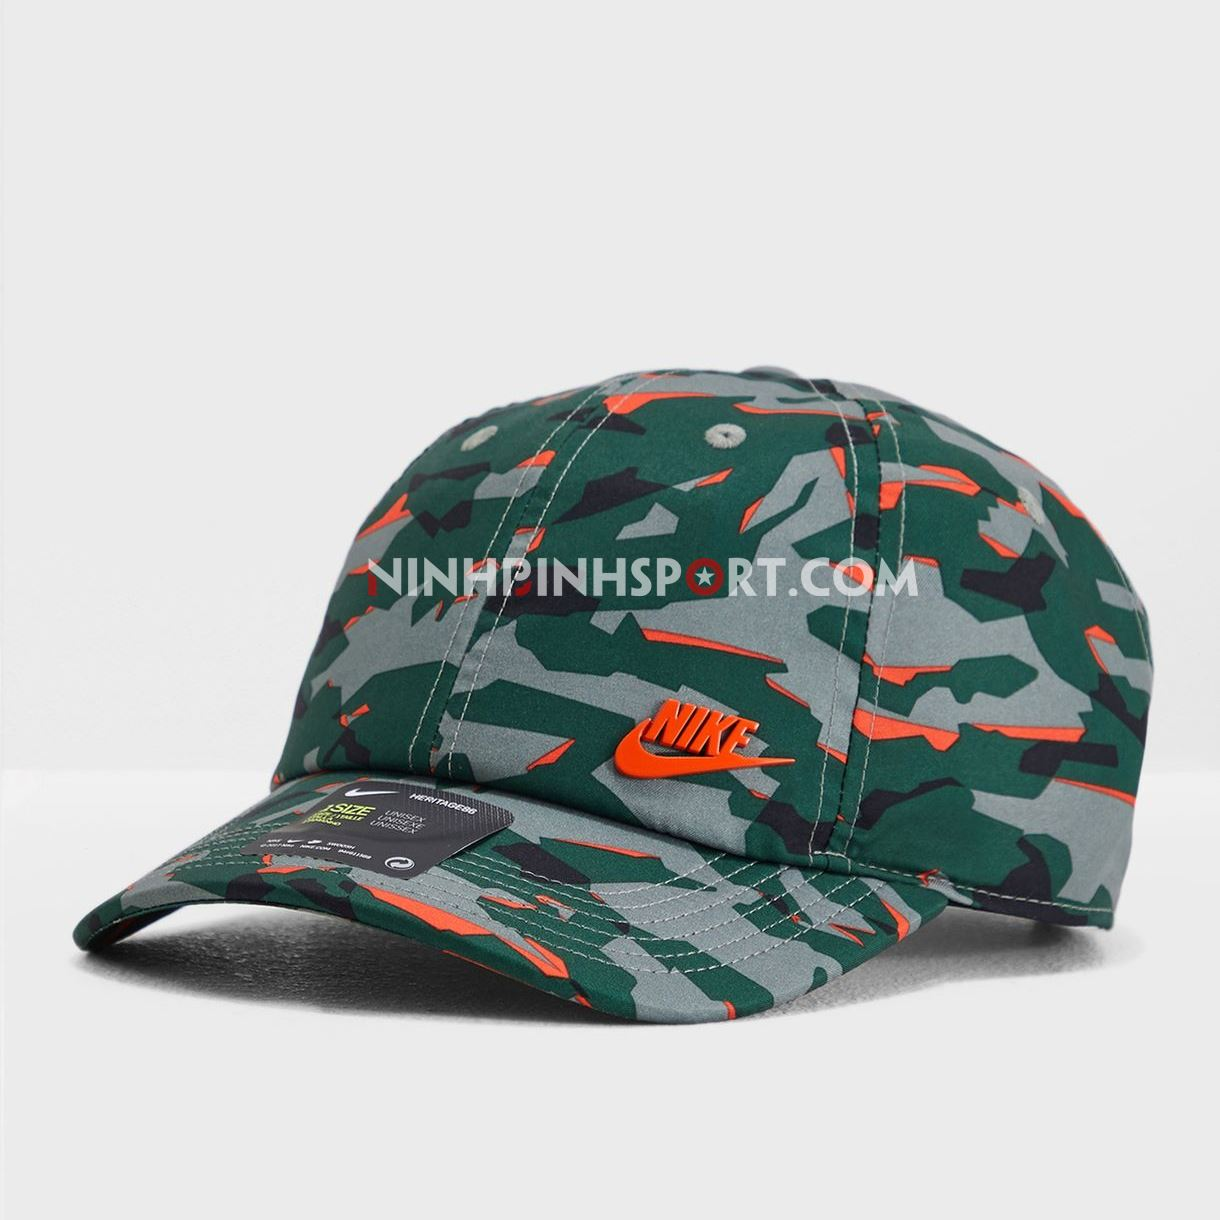 Mũ thể thao nam Nike Arobill H86 Camo Cap 942212-323